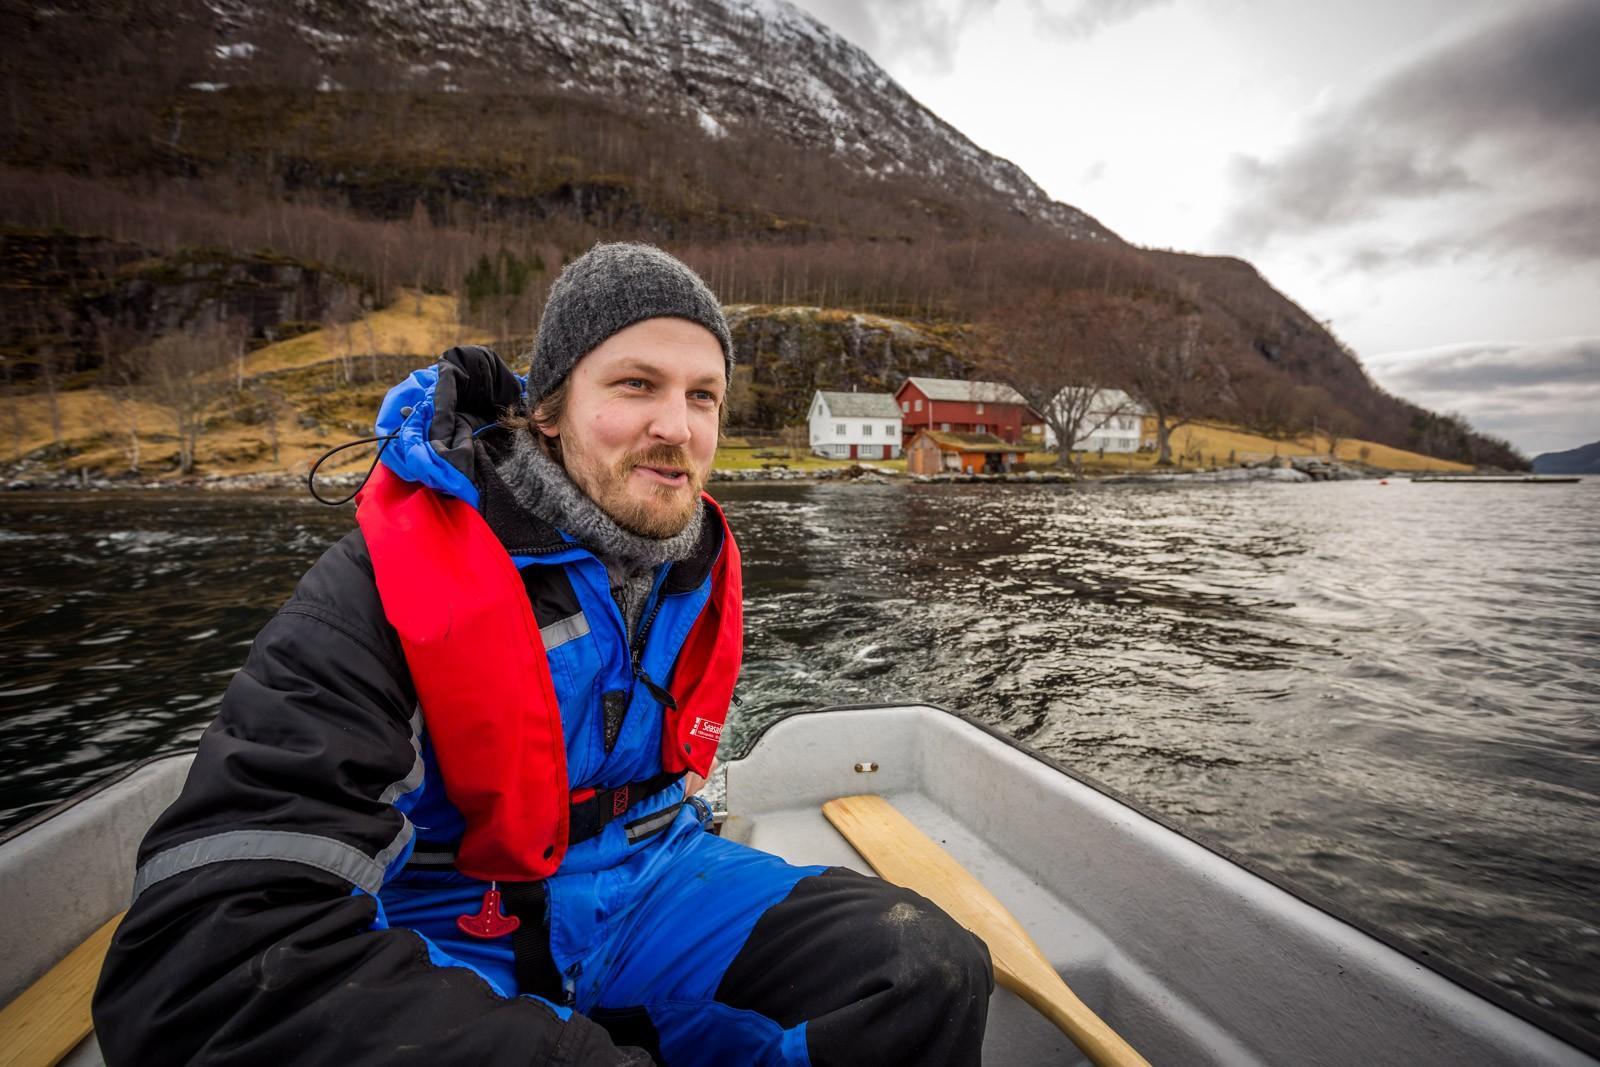 Severin er heilt avhengig av båt for å kome seg dit han vil. Den viktigaste kunnskapen han har lært er om ver og vind på Røneset.